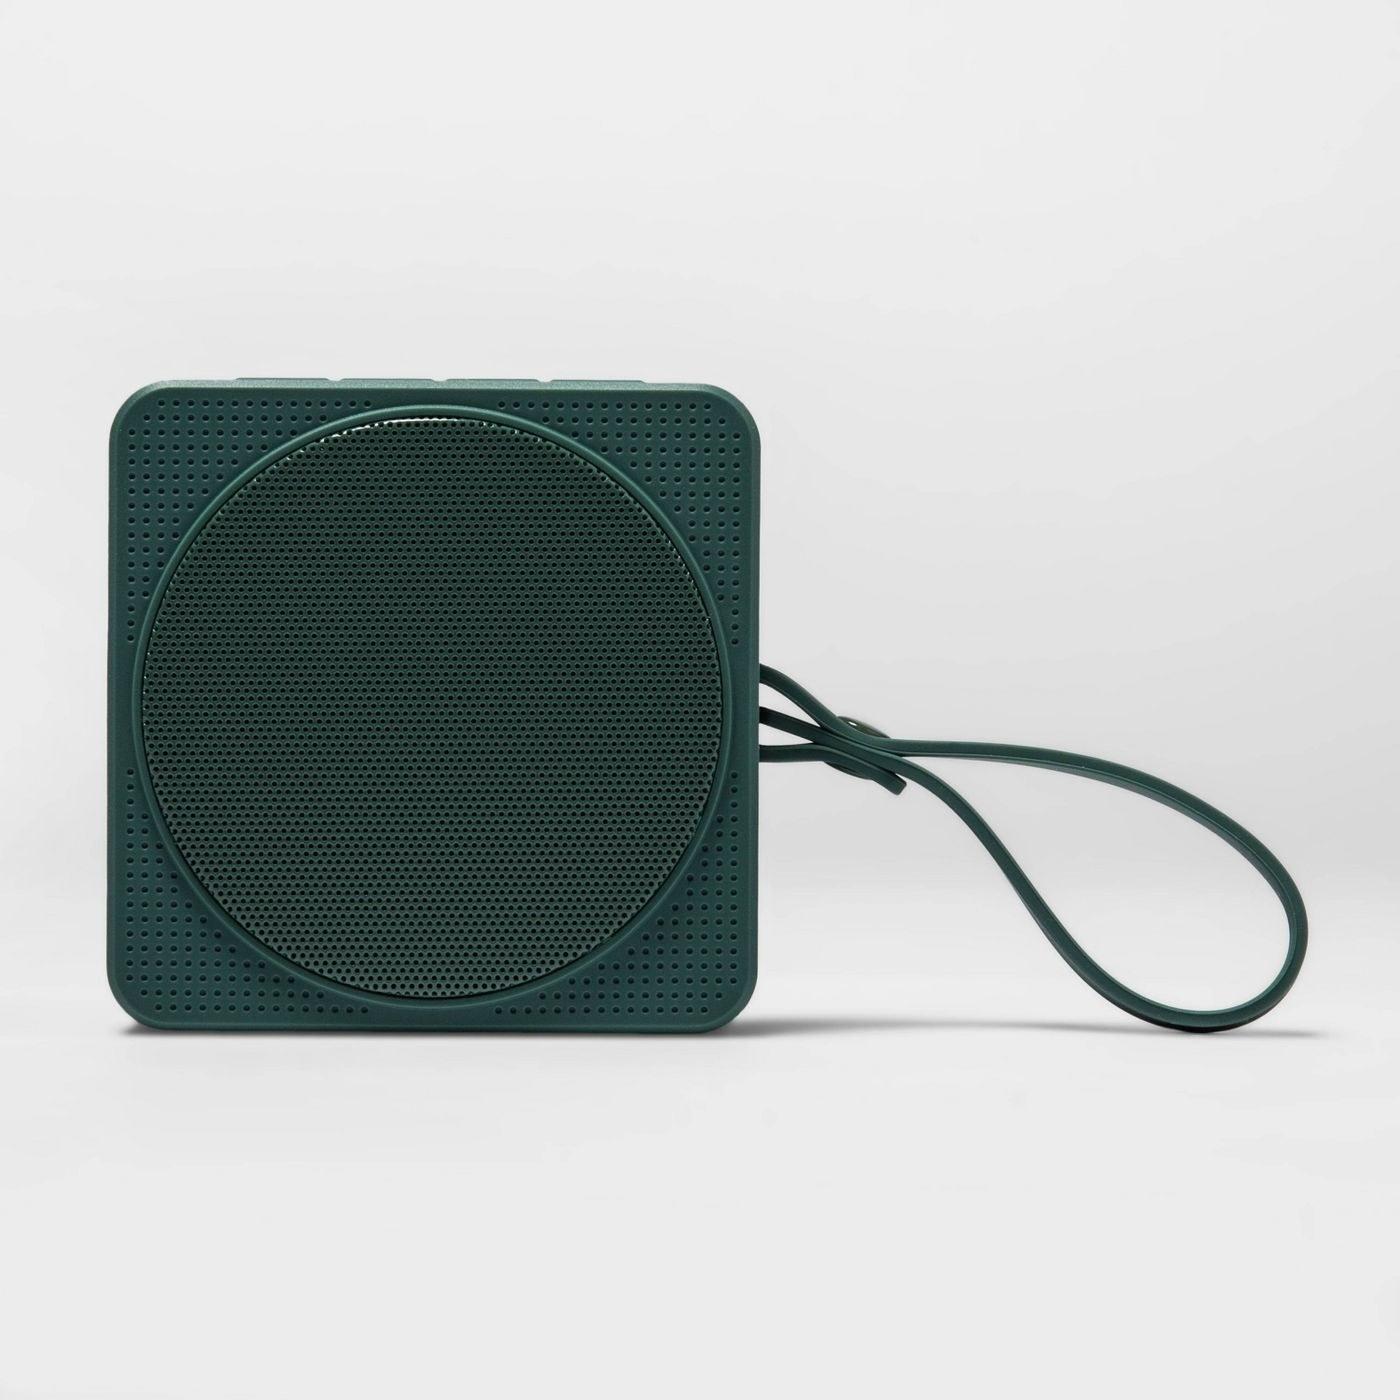 Green portable speaker